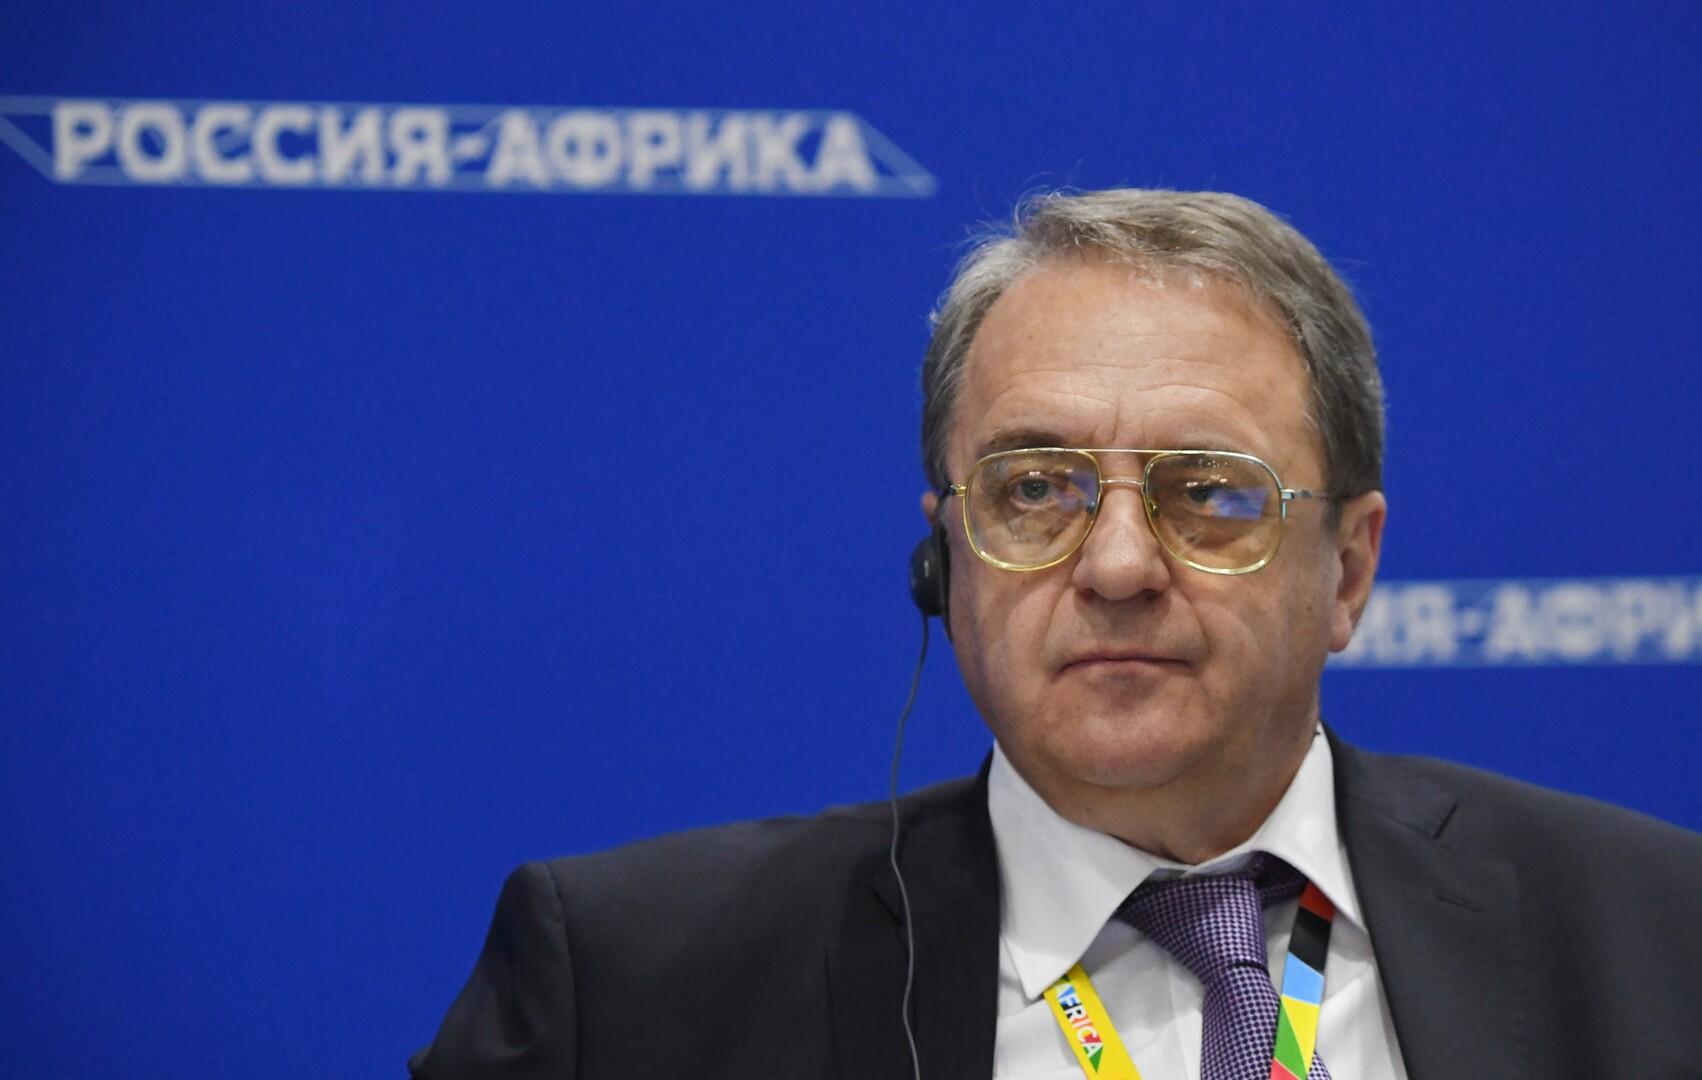 بوغدانوف: مسألة عودة رحلات التشارتر لمنتجعات البحر الأحمر في مصر سيتم حلها قريبا